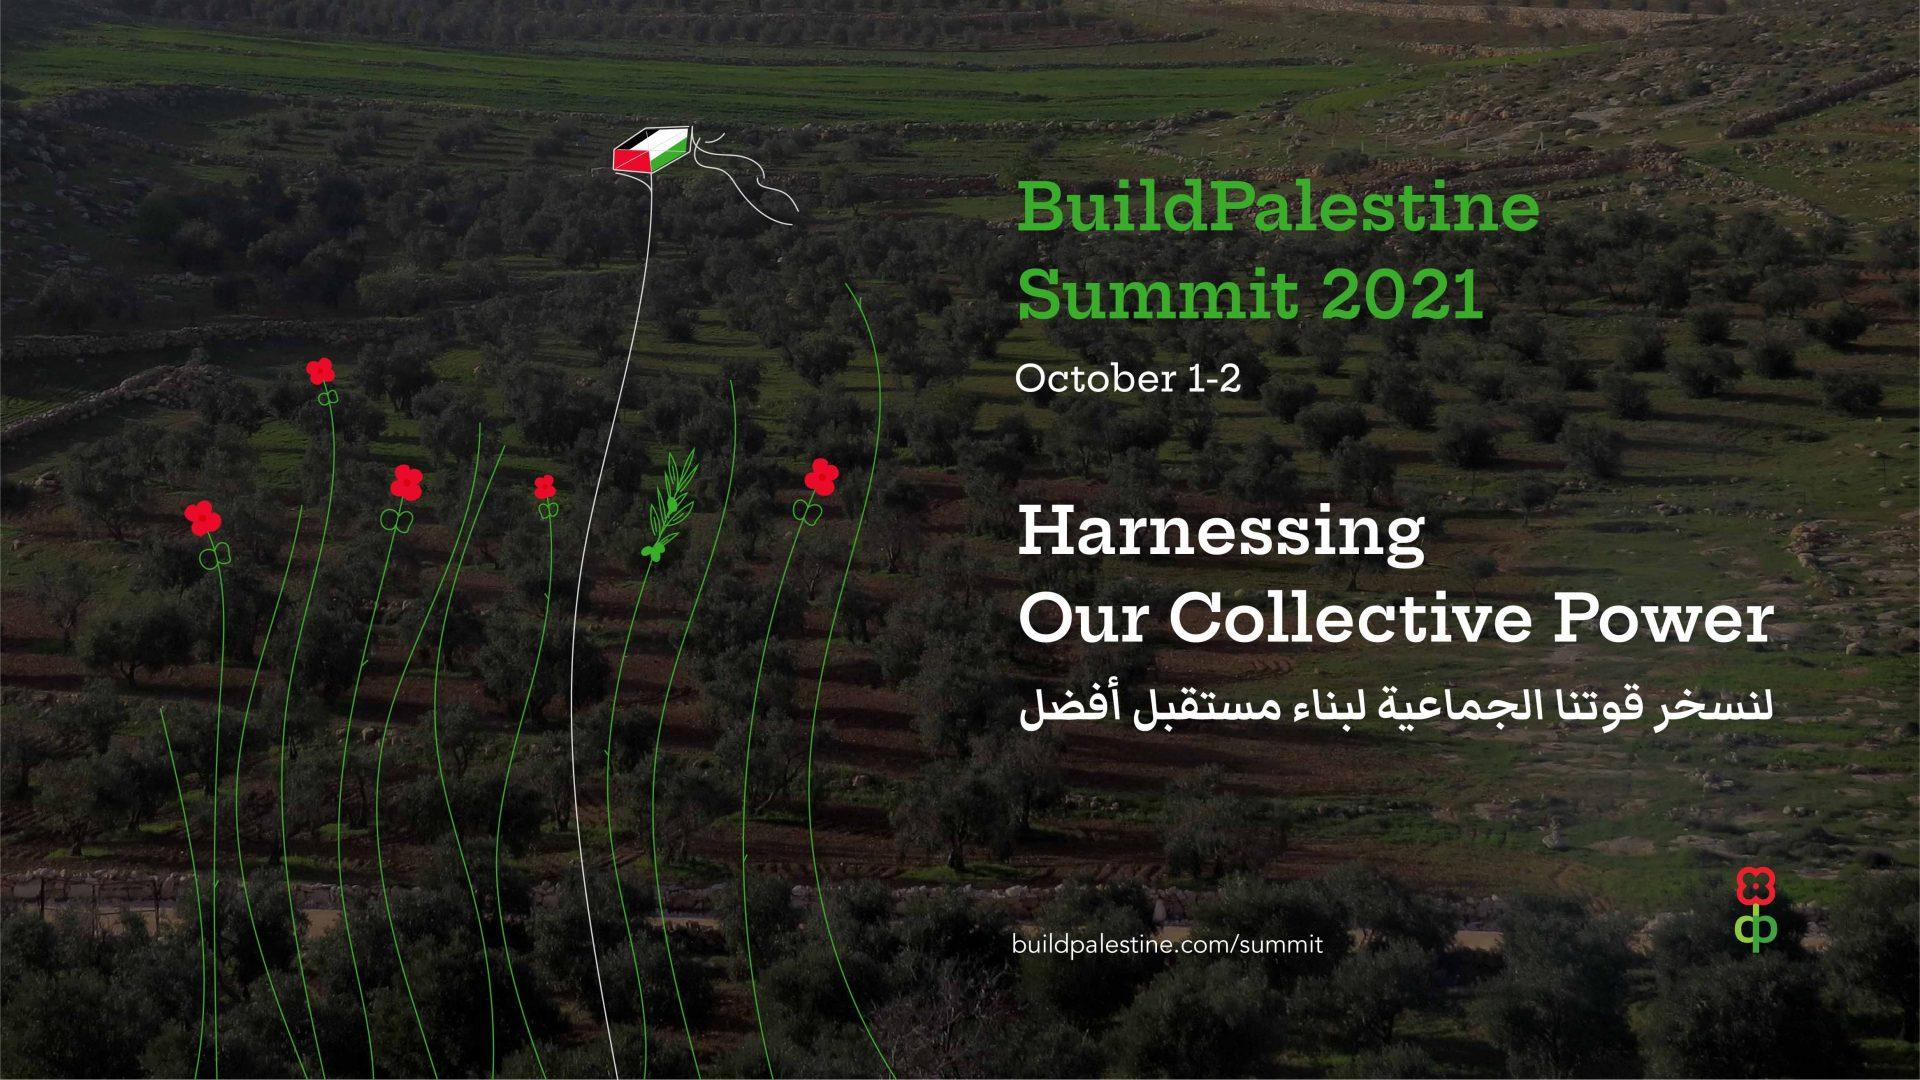 Buildpalestine summit Summit 2021 Blog